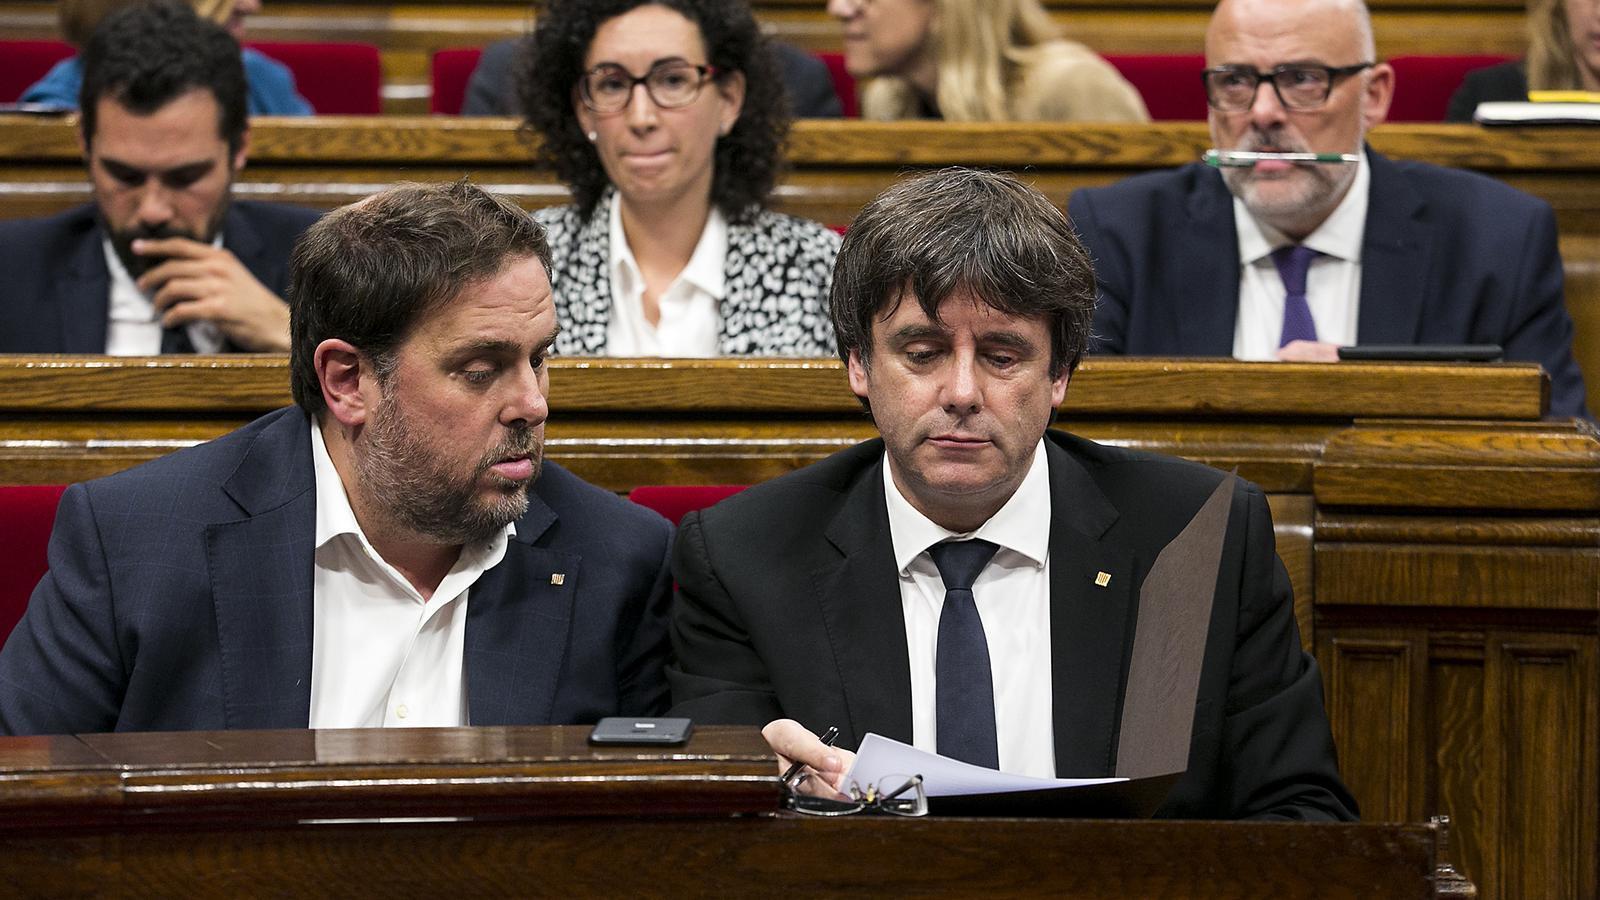 L'expresident Carles Puigdemont i l'exvicepresident Oriol Junqueras, en una imatge d'arxiu, al Parlament